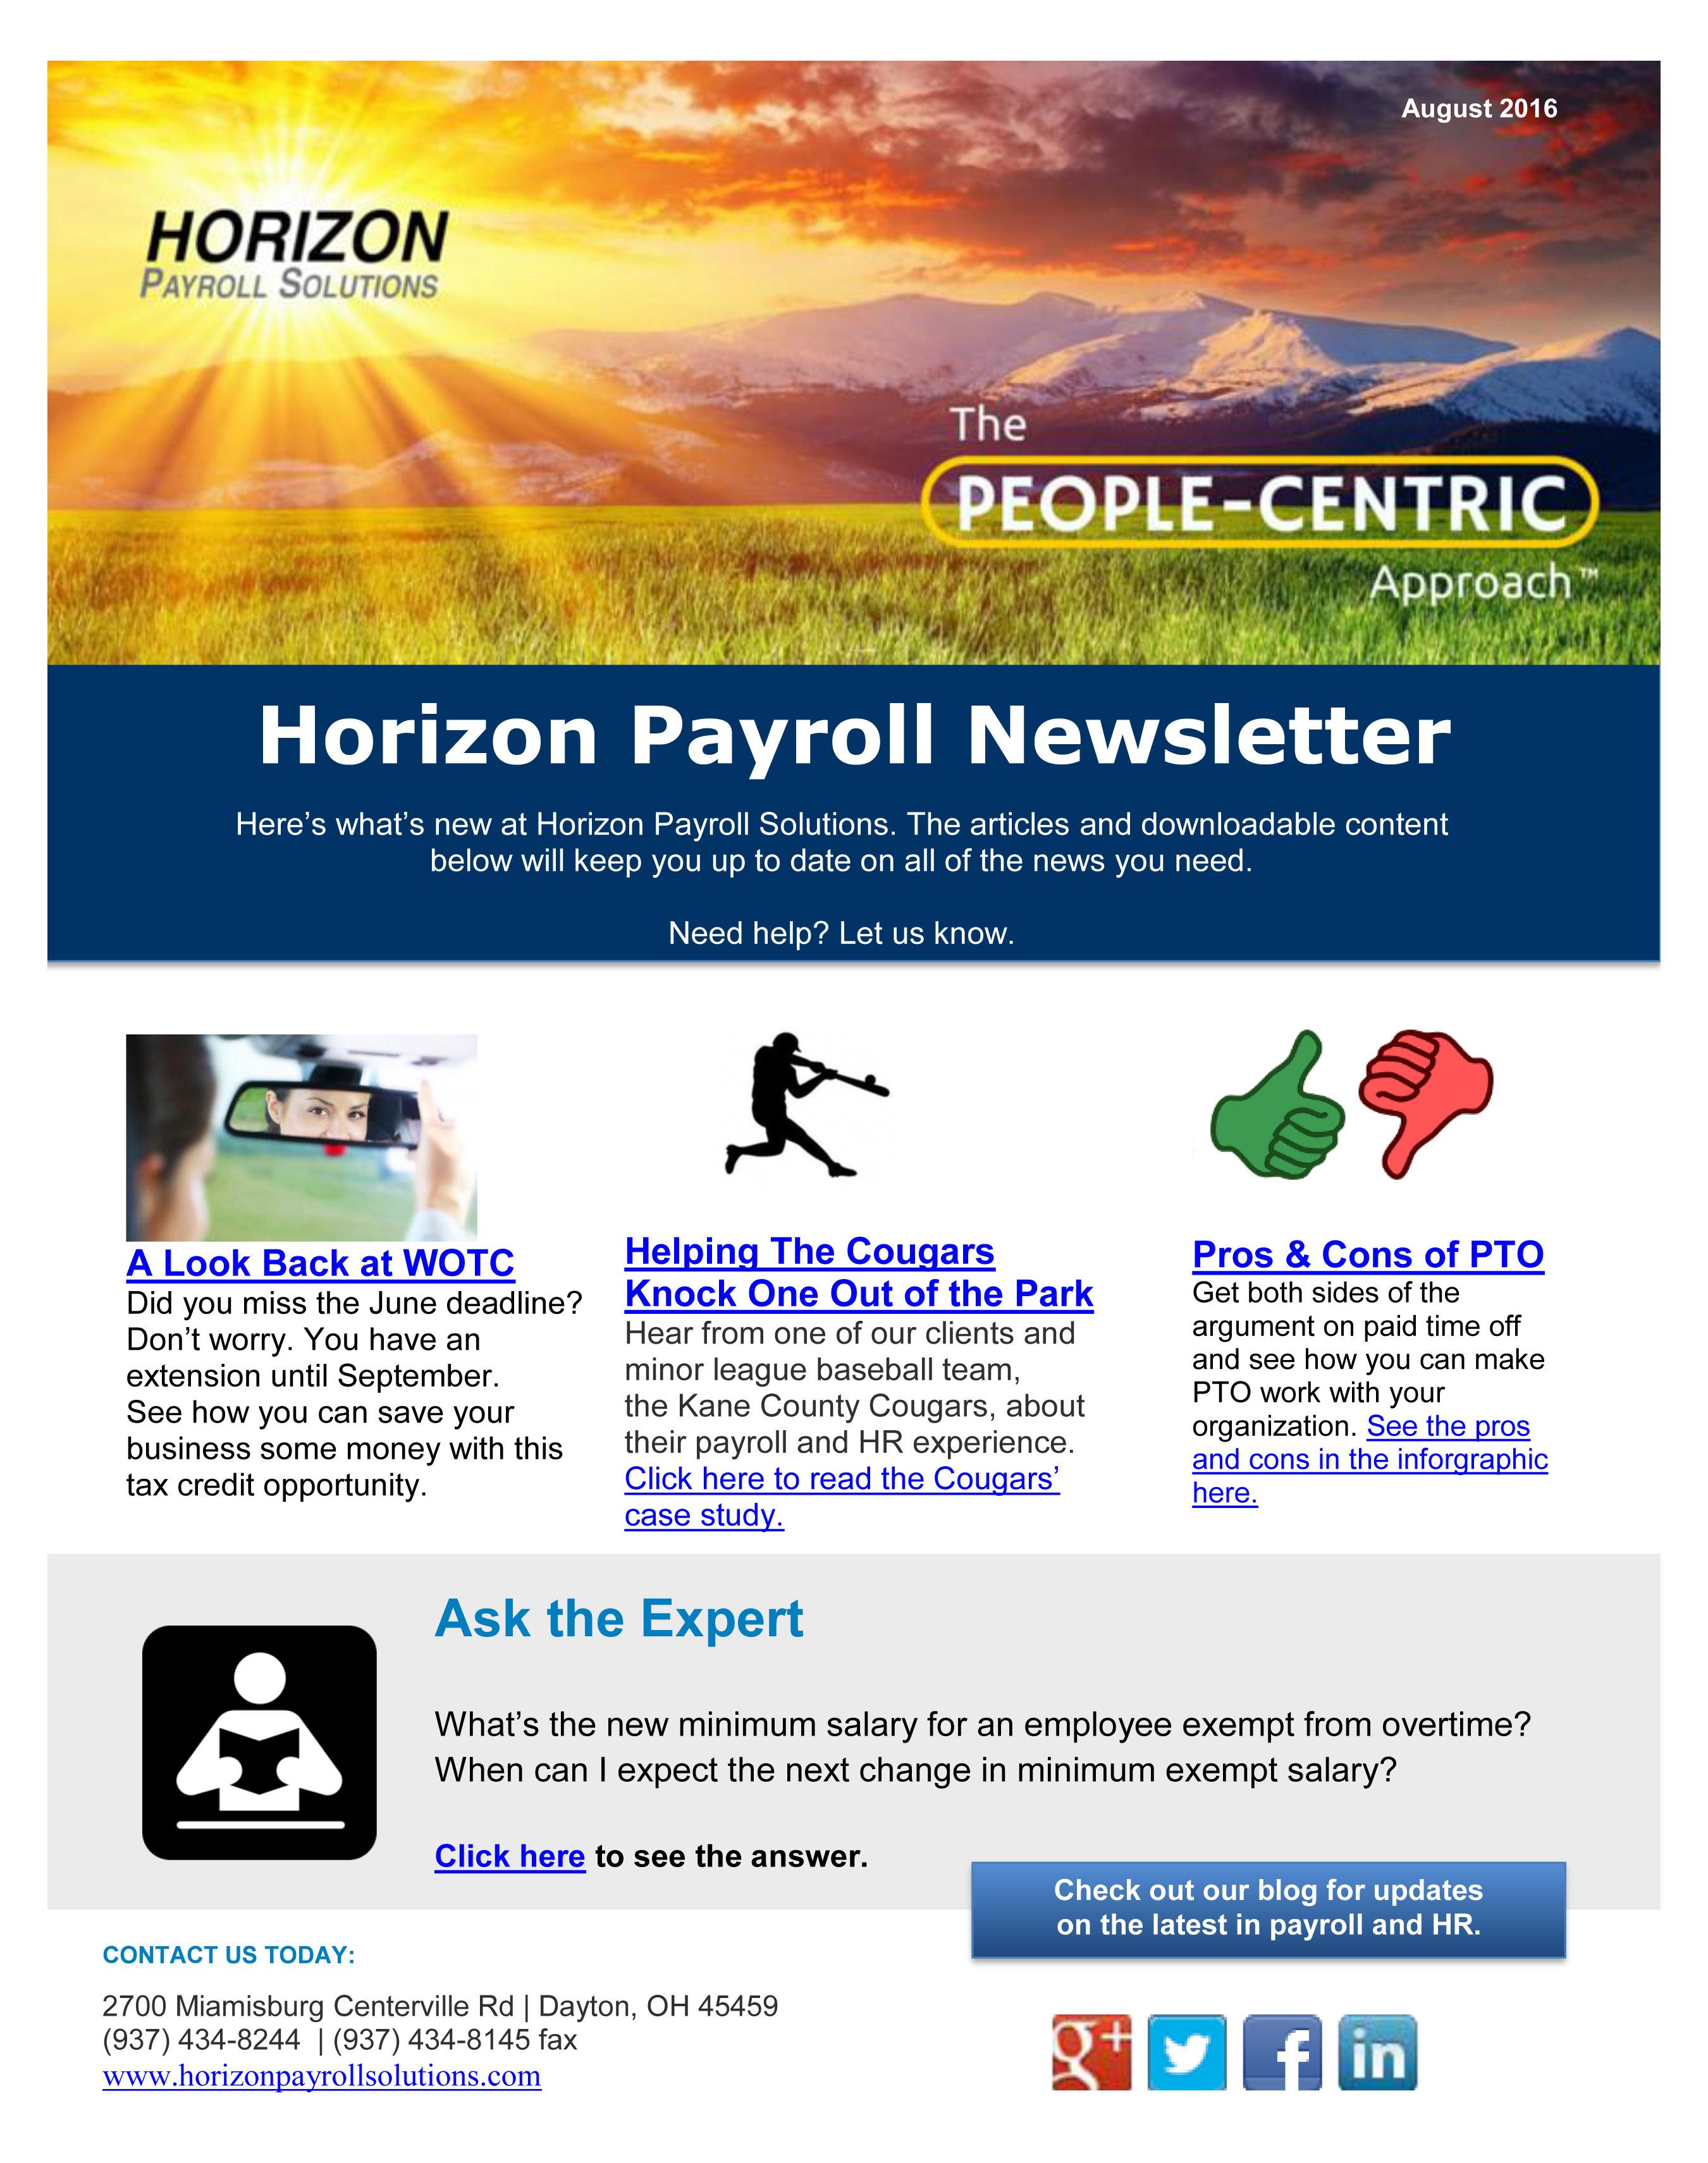 HOPS Newsletter August 2016_rev4small.jpg